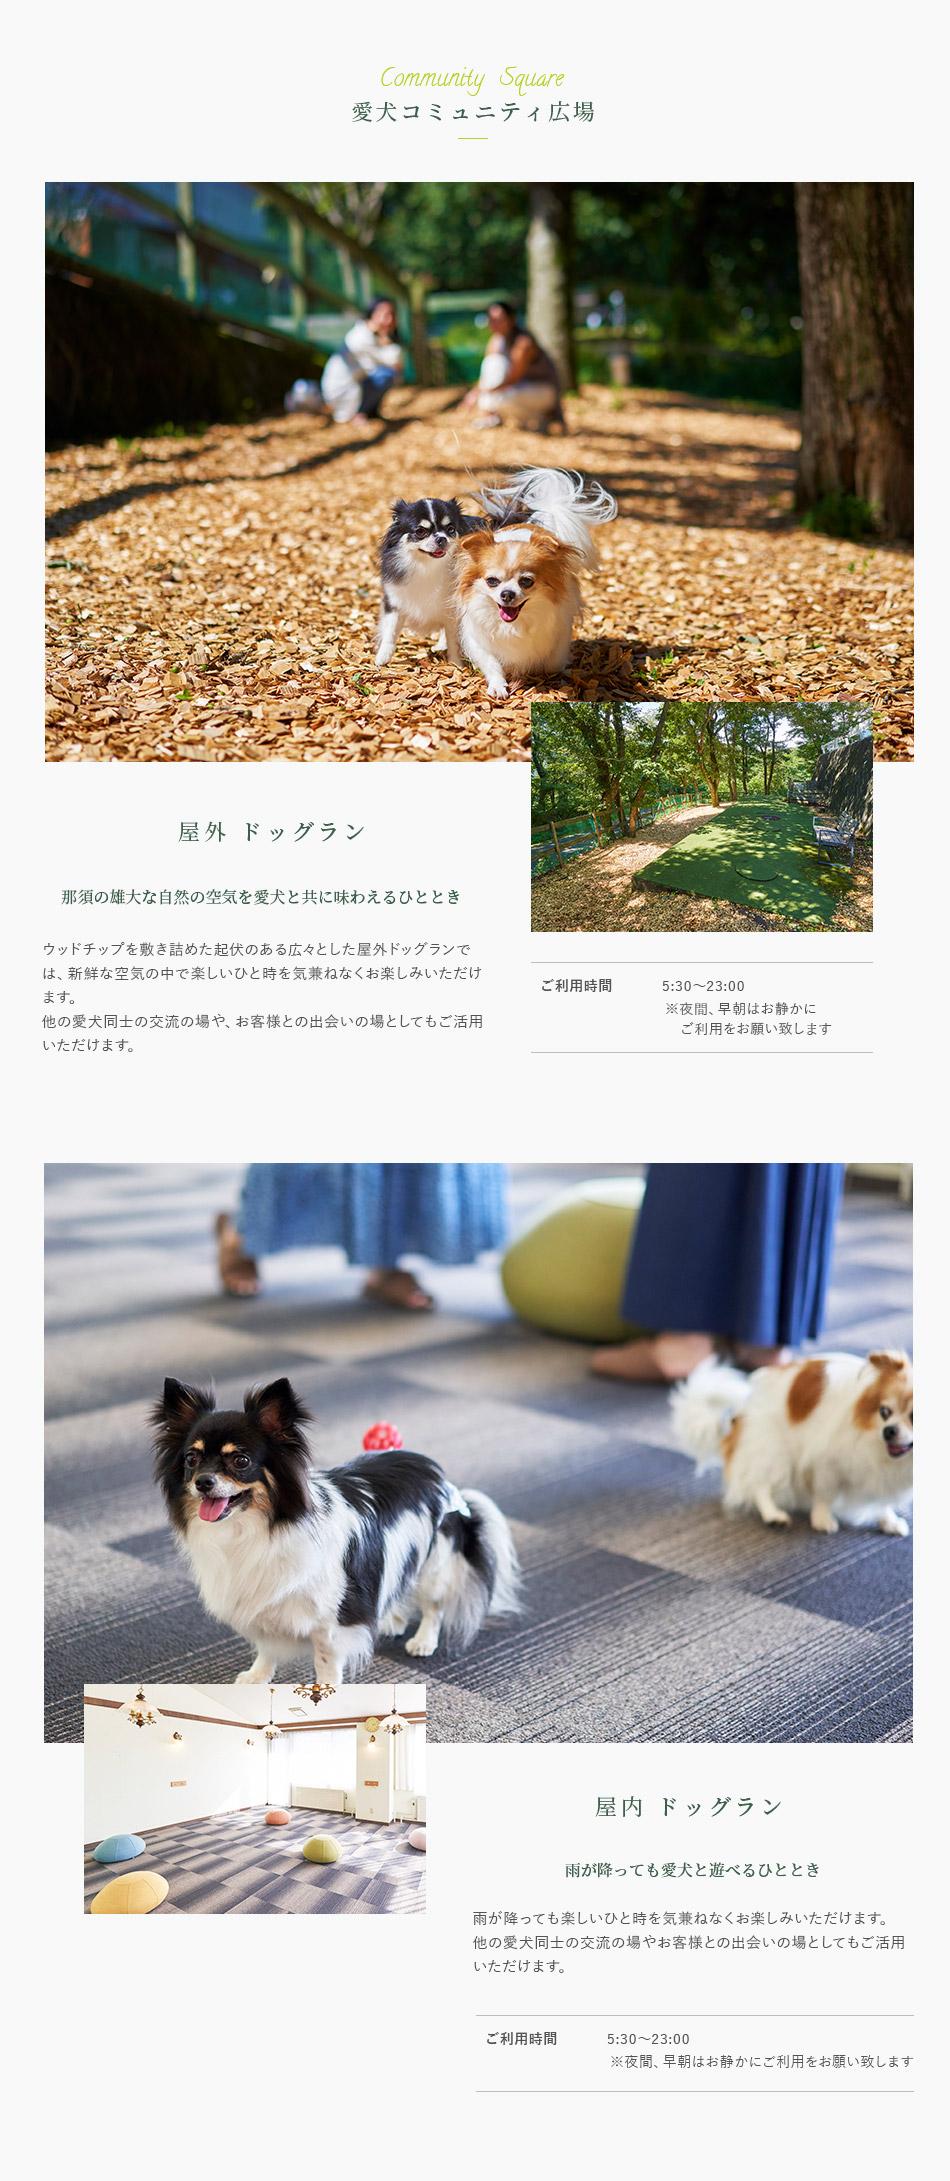 愛犬コミュニティ広場